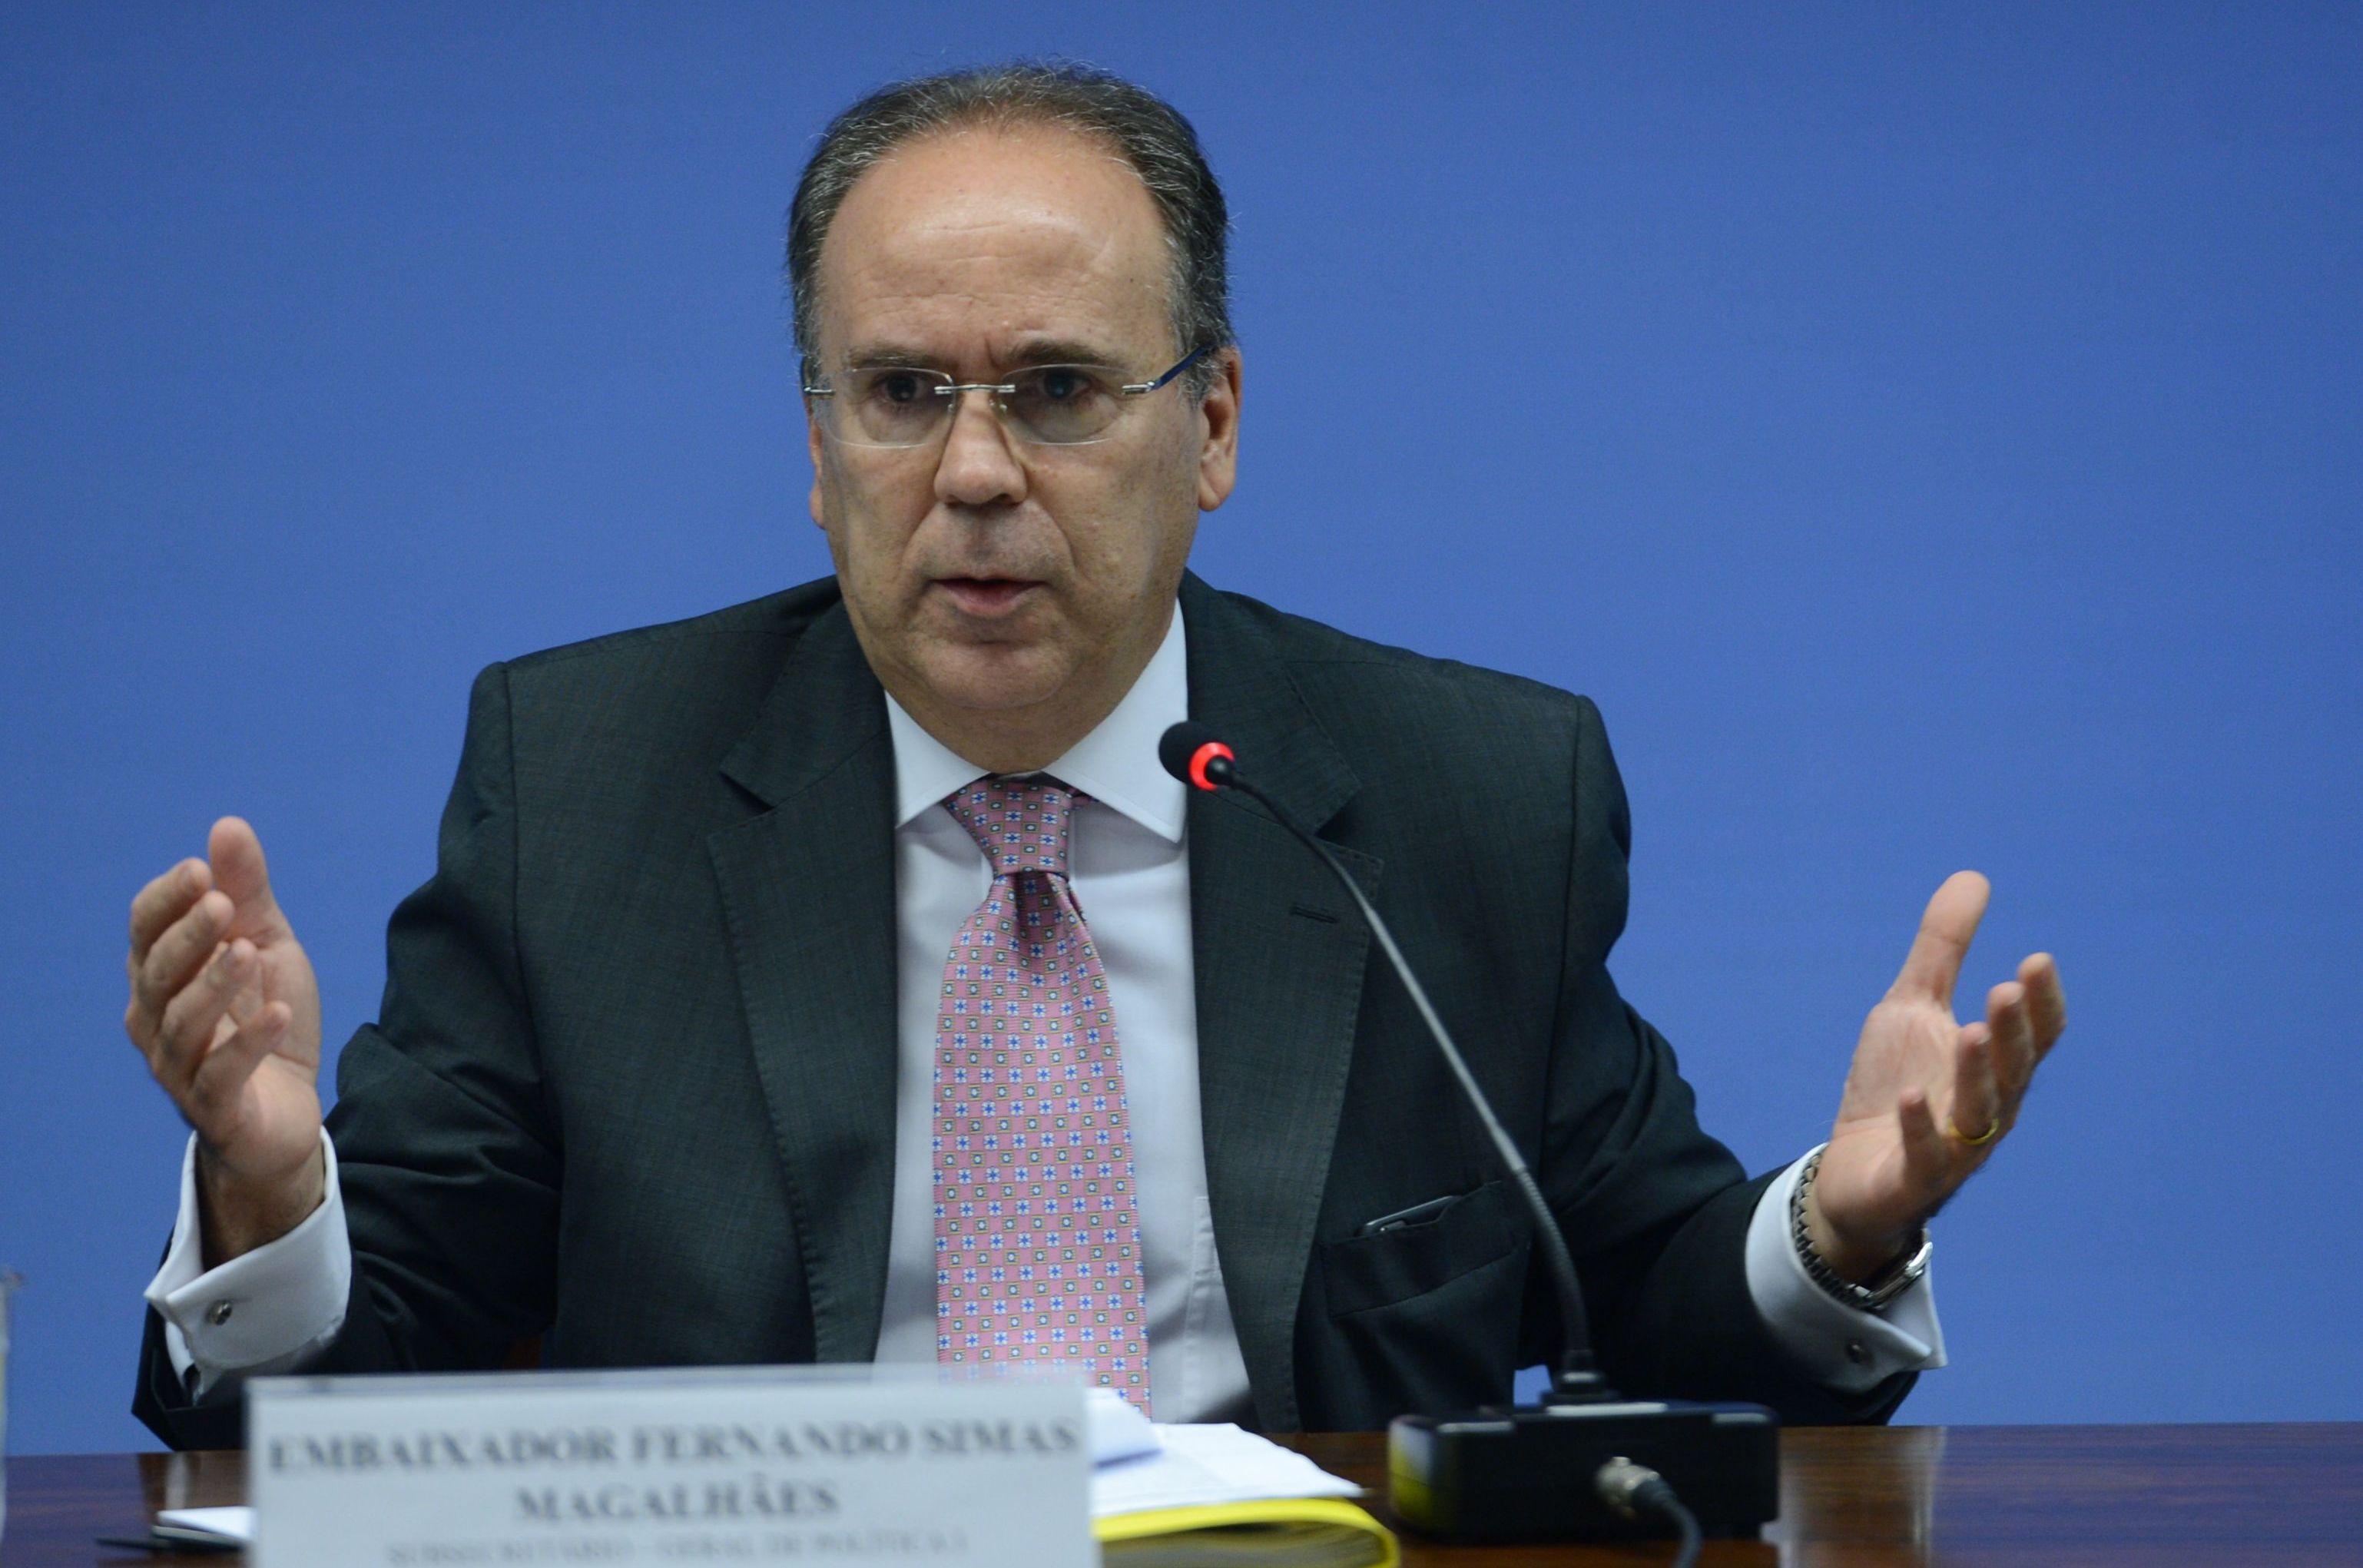 Representante do Brasil na OEA, Embaixador Fenando Simas Magalhães, manifestou apoio ao pleito da organização pela realização de segundo turno